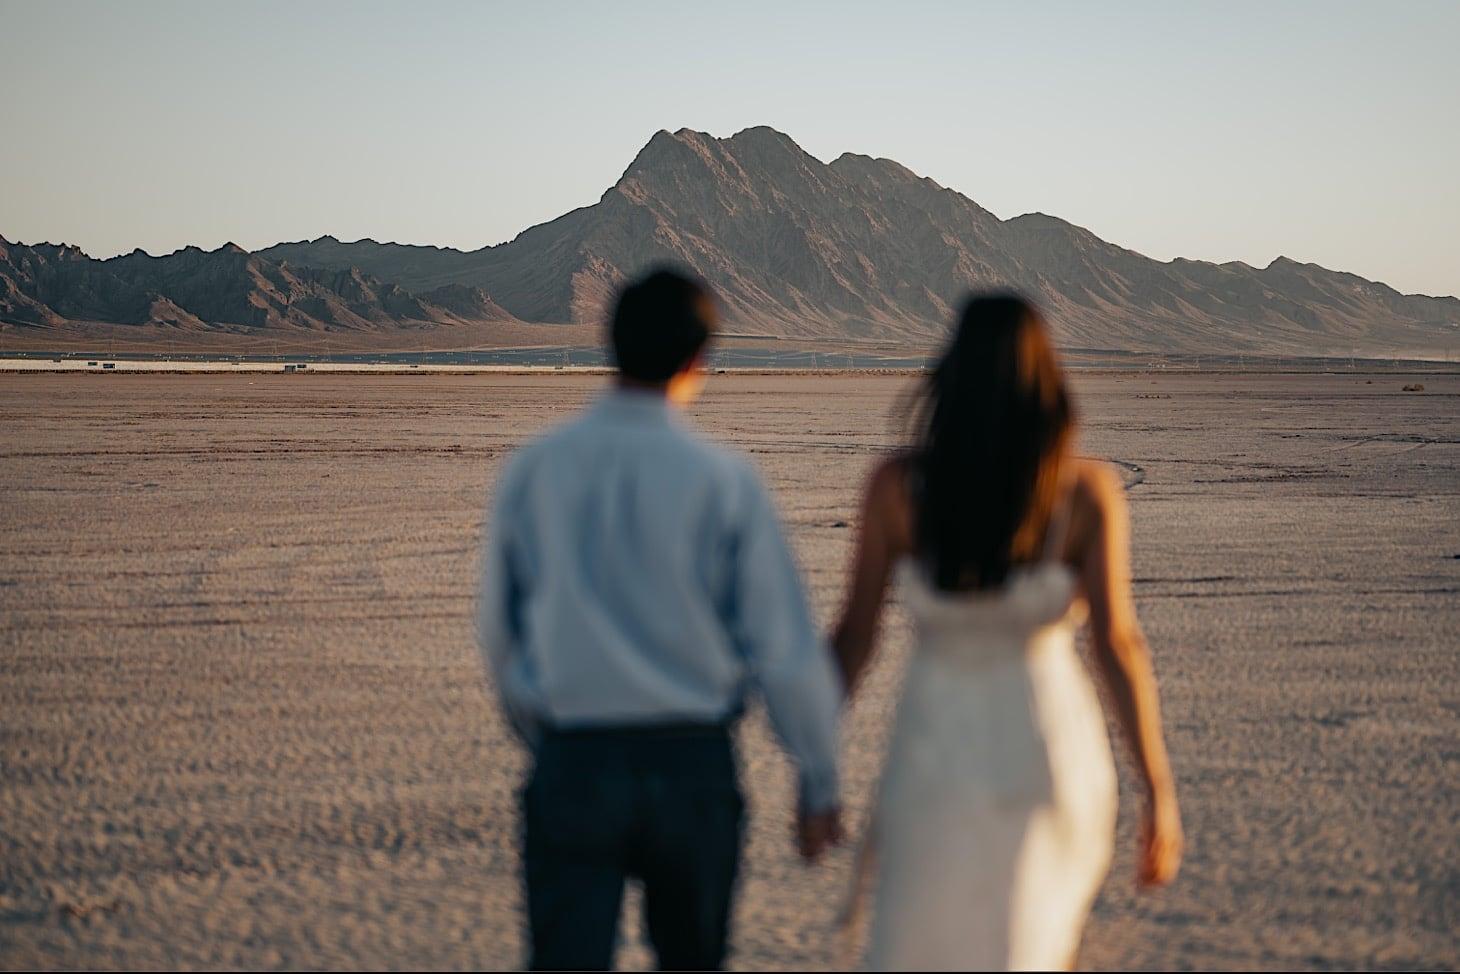 couples photos in desert